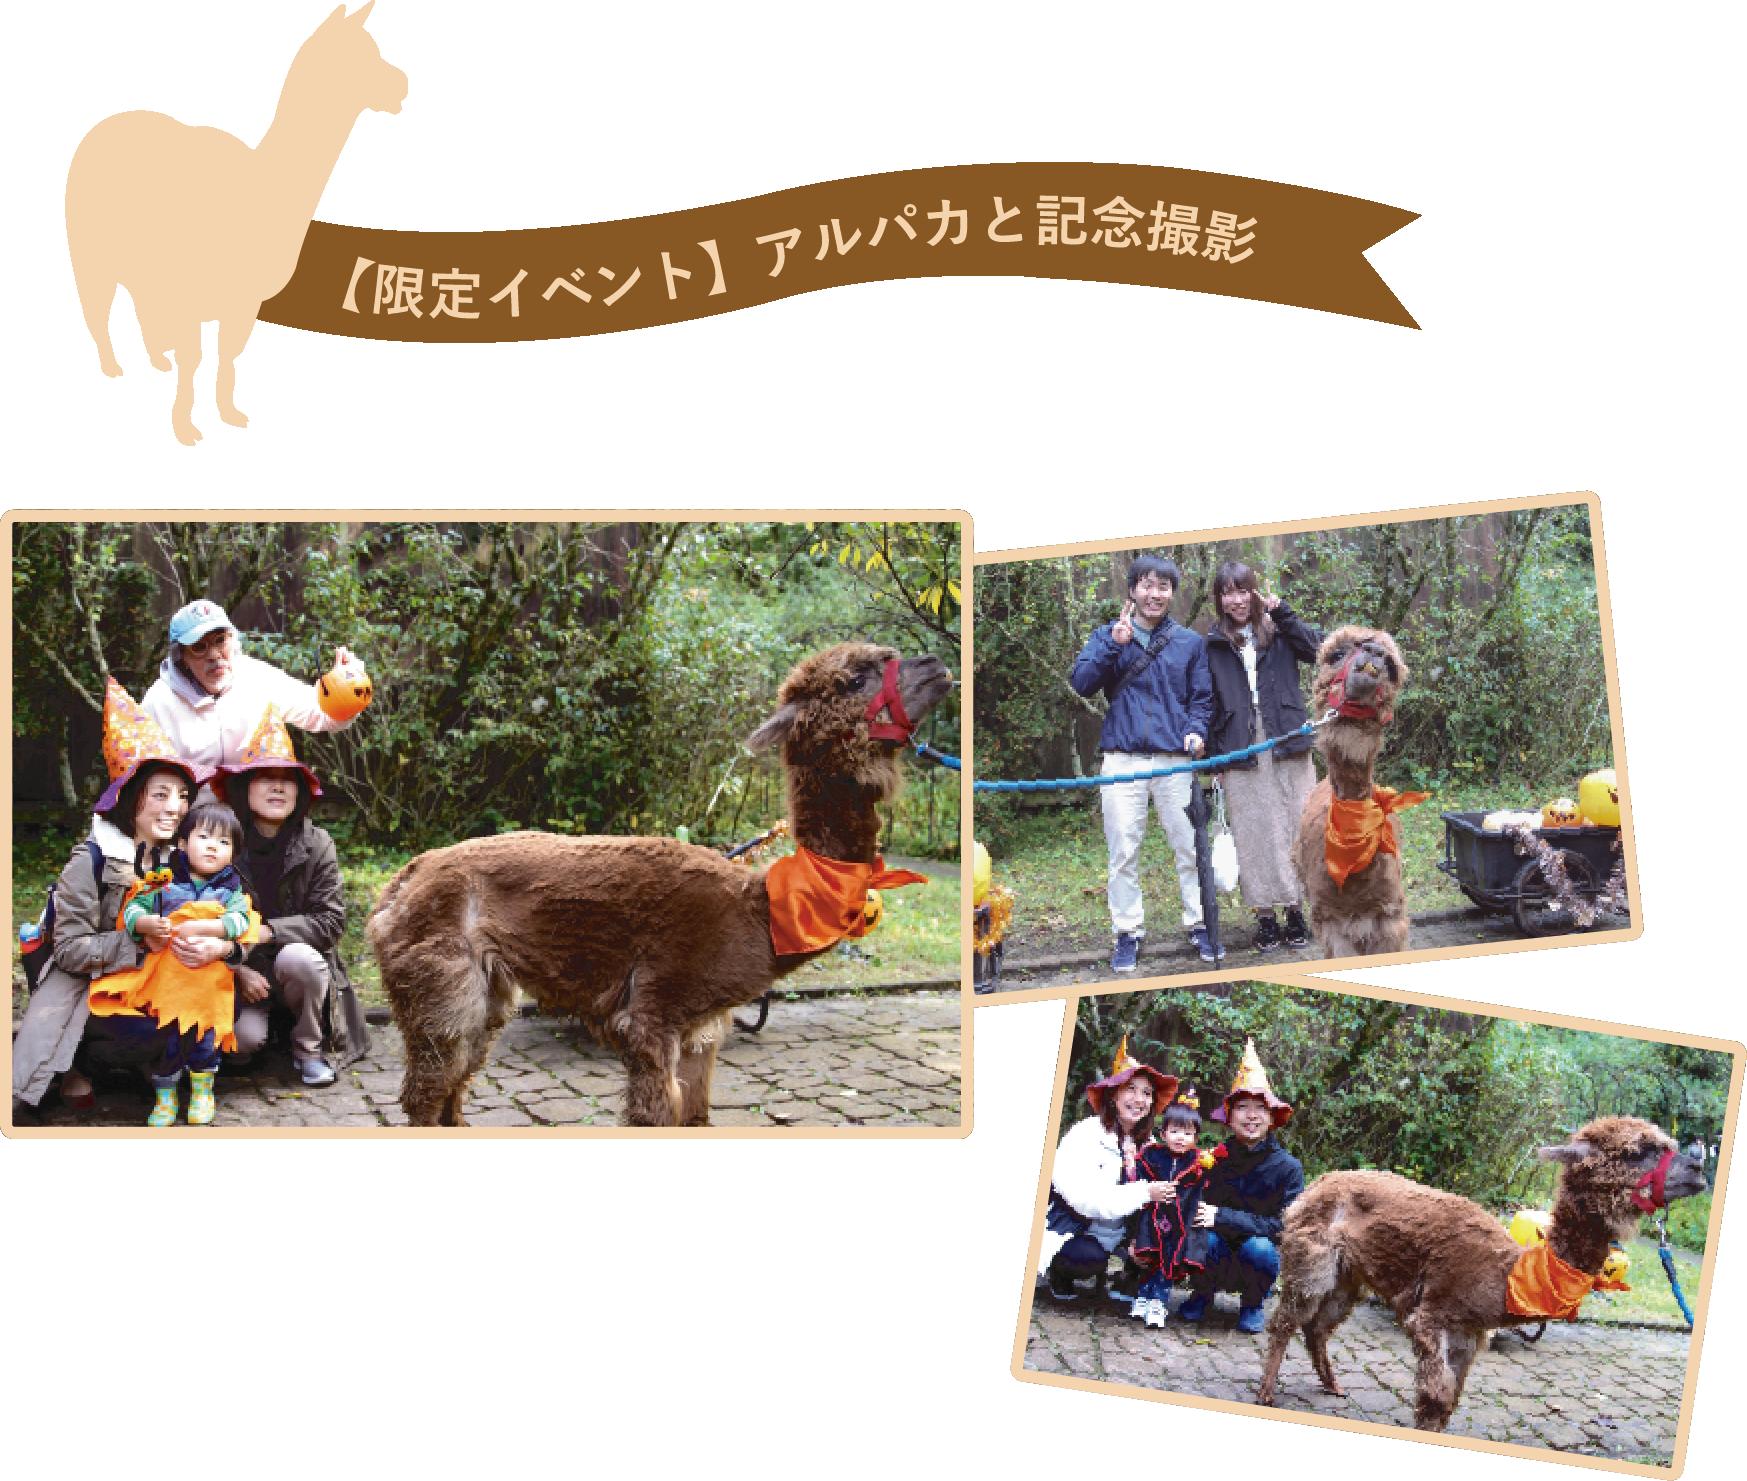 【限定イベント】アルパカと記念撮影